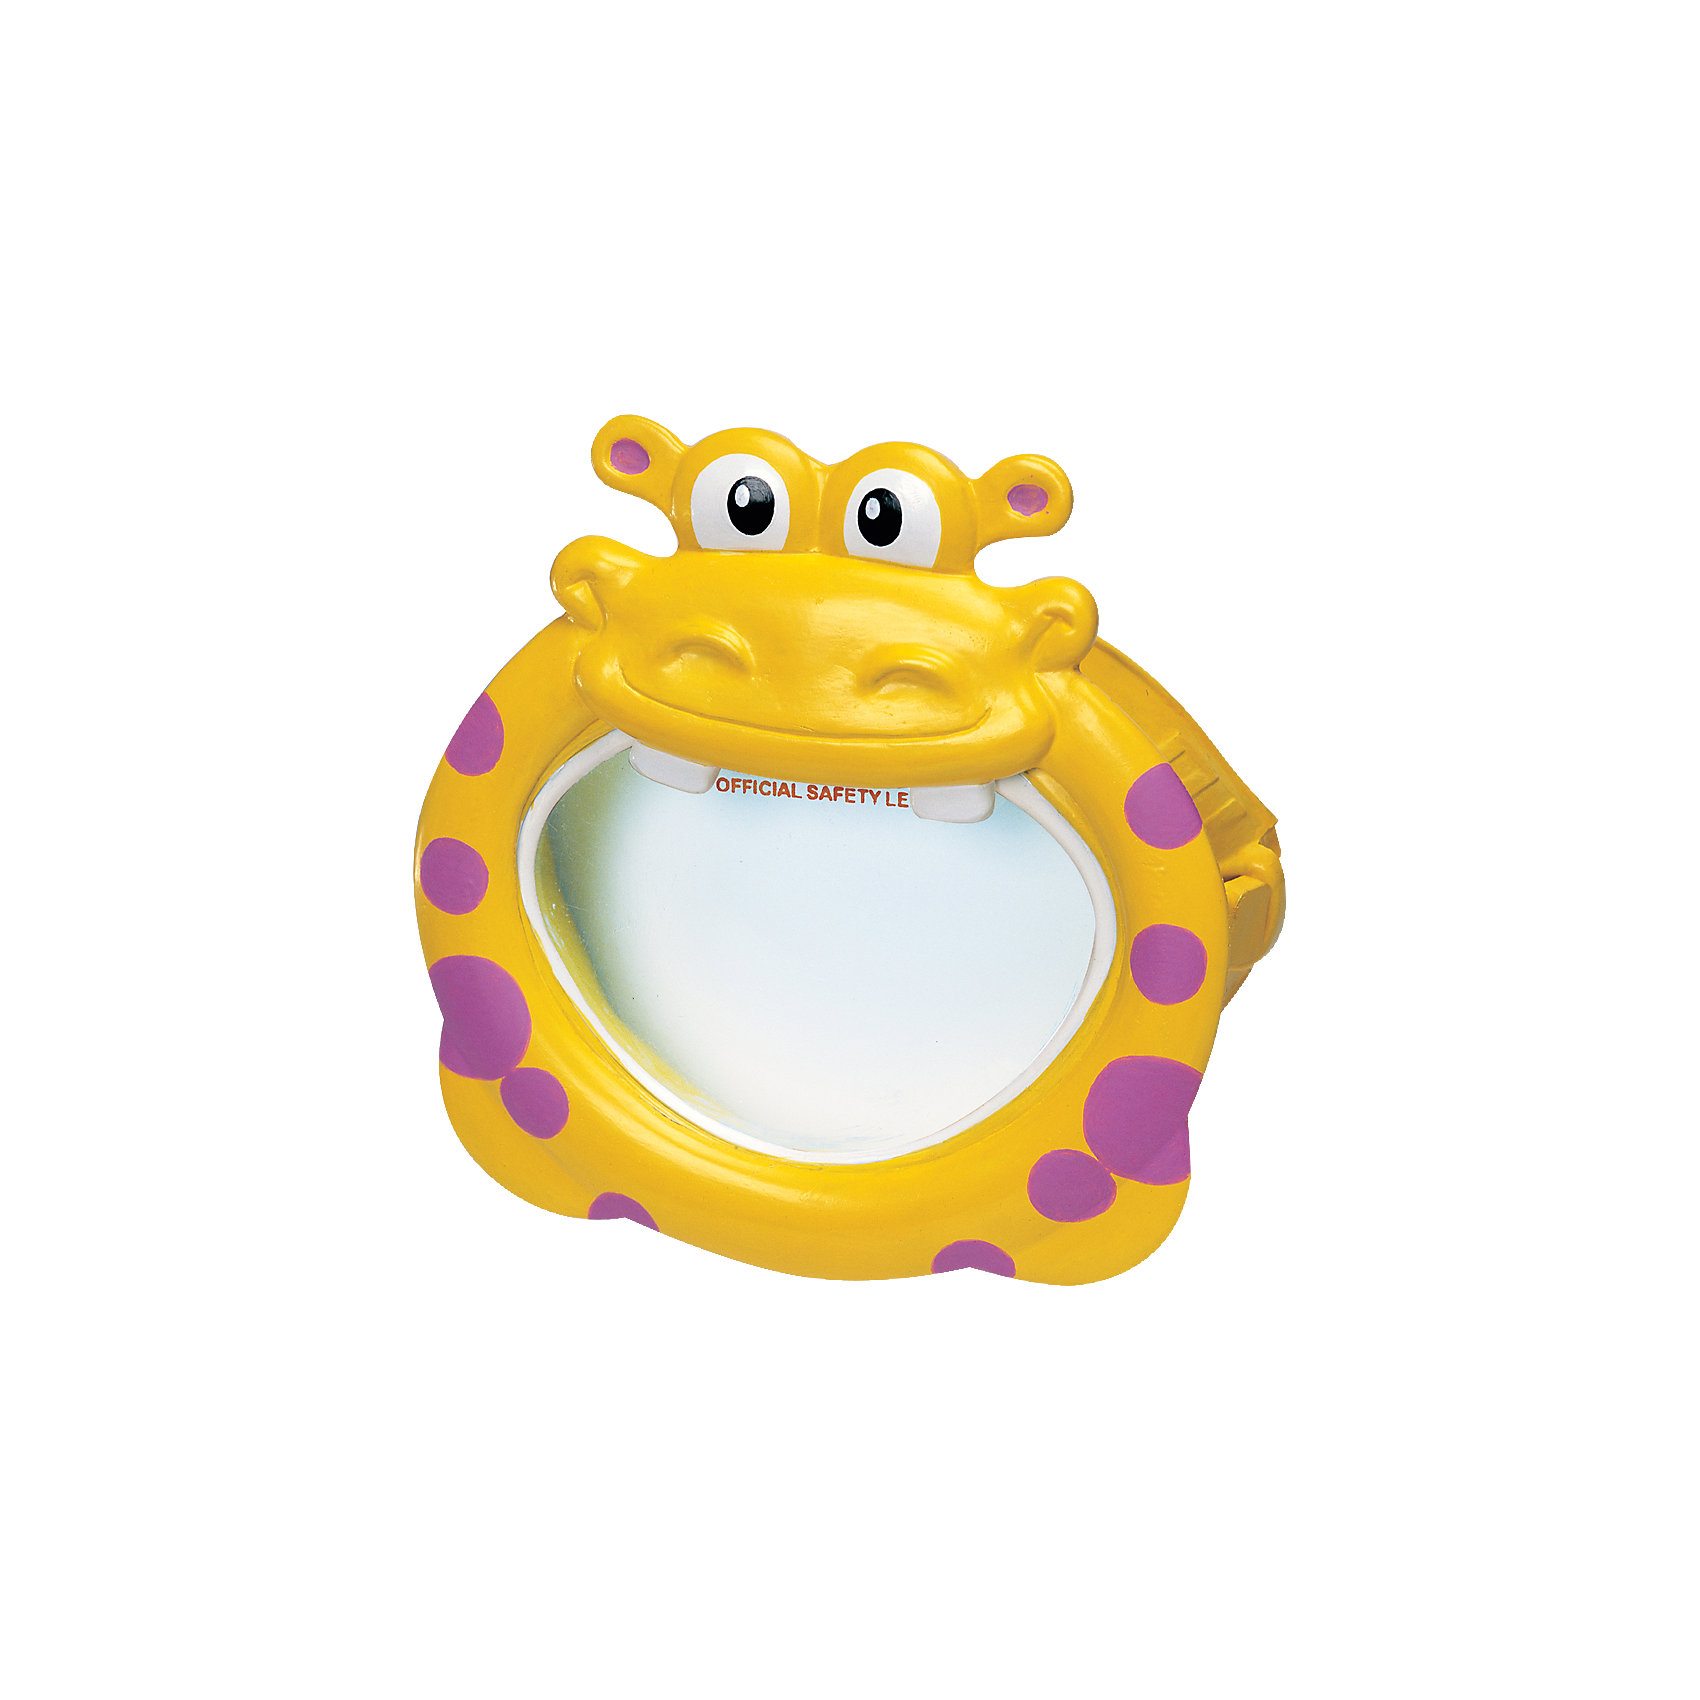 Маска для плавания Бегемот/Лягушка, Intex, в ассорт.Очки, маски, ласты, шапочки<br>Маска для плавания Бегемот/Лягушка, Intex (Интекс), в ассортименте — оригинальная детская модель для подводного плавания. Товар выполнен в виде забавных животных Лягушонка и Бегемотика, в двух цветах. Маска изготовлена из гипоаллергенных материалов. <br>Оправа имеет широкую окантовку из поливинилхлорида для обеспечения плотного облегания – вы можете быть уверены, что вода не попадет в глаза.<br>Прочный резиновый ремешок легко регулируется.<br><br>В такой яркой маске плавание под водой будет еще веселее!<br><br>Дополнительная информация:<br><br>- Нельзя хранить при низких температурах<br>- Размер упаковки: 43 х 43 х 22 см<br>- Материал: высококачественная пластмасса<br>- Вес: 270 г.<br><br>Внимание! Данный товар имеется в наличии в разных вариантах исполнения(Бегемот, Лягушонок). К сожалению, заранее выбрать определенный вариант невозможно.<br><br>Маску для плавания Бегемот/Лягушка, Intex (Интекс), в ассортименте можно купить в нашем интернет-магазине.<br><br>Ширина мм: 73<br>Глубина мм: 228<br>Высота мм: 203<br>Вес г: 133<br>Возраст от месяцев: 36<br>Возраст до месяцев: 96<br>Пол: Унисекс<br>Возраст: Детский<br>SKU: 3176917